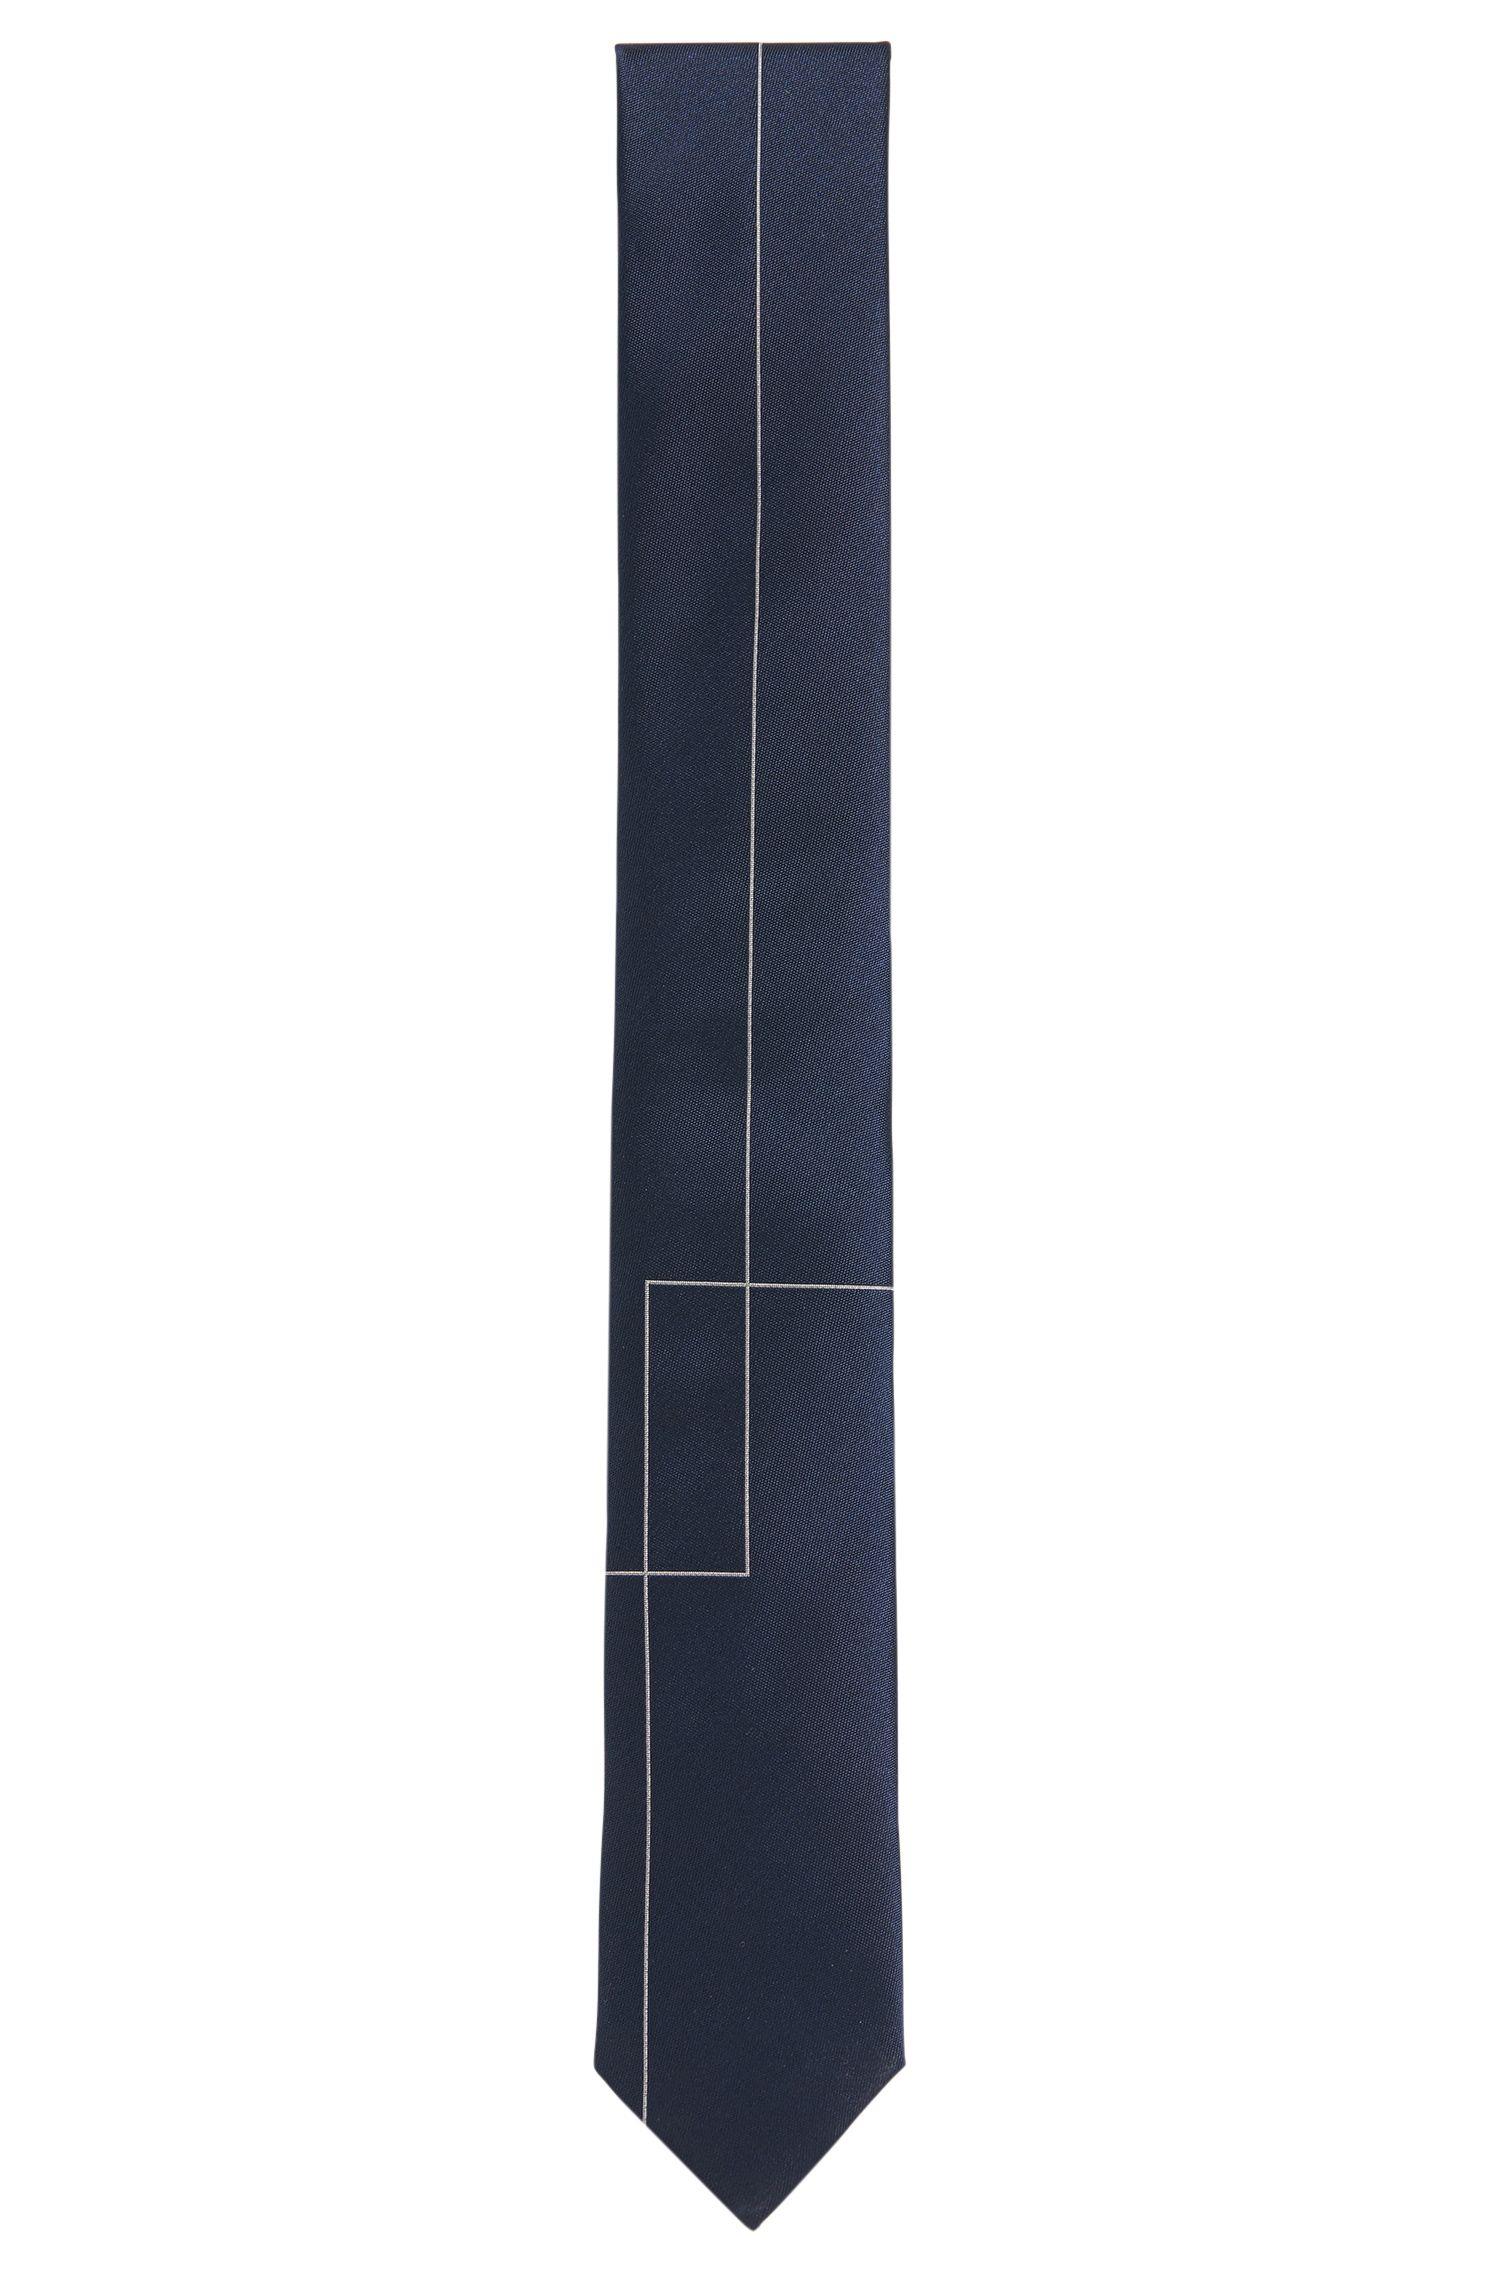 Zijden stropdas met geometrisch dessin: 'Tie 6 cm'